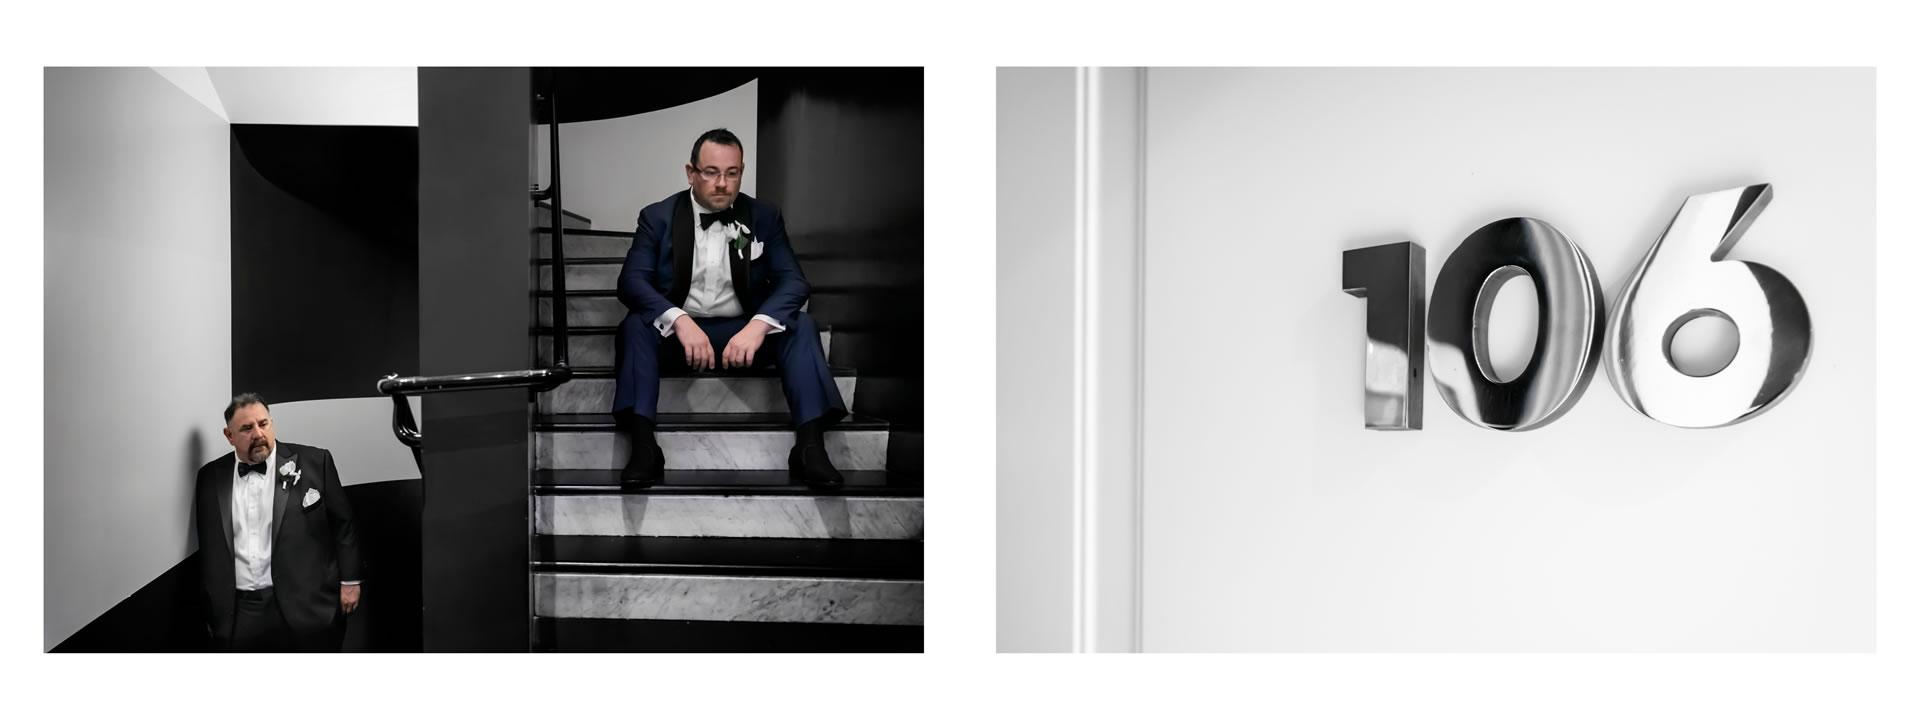 same-sex-love-in-portofino-david-bastianoni-photographer-00010 - 10 :: Wedding in Portofino // WPPI 2018 // The man that I love :: Luxury wedding photography - 9 :: same-sex-love-in-portofino-david-bastianoni-photographer-00010 - 10